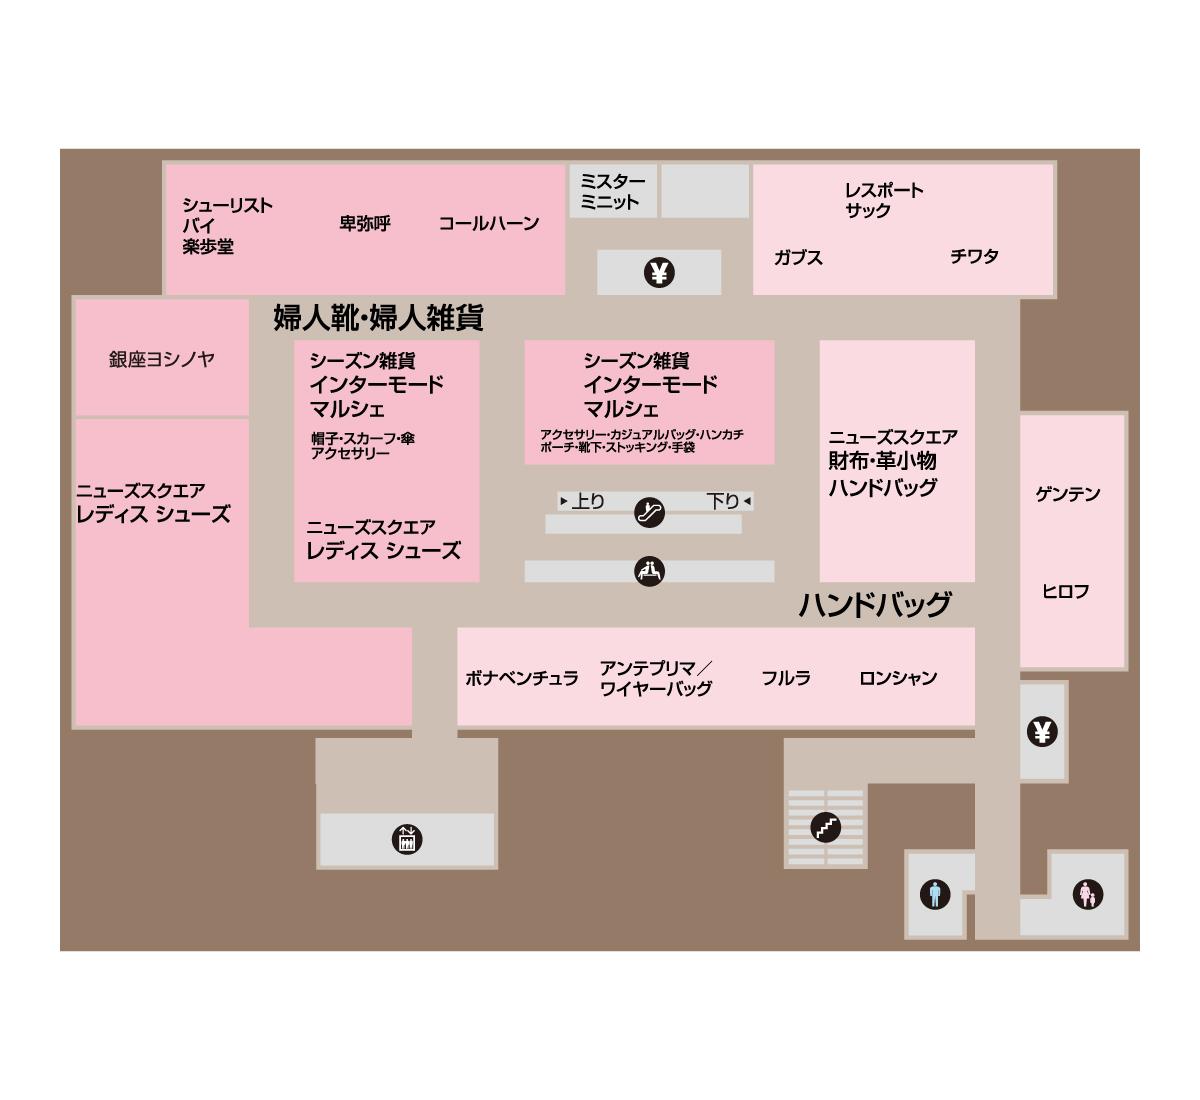 札幌 丸井 今井